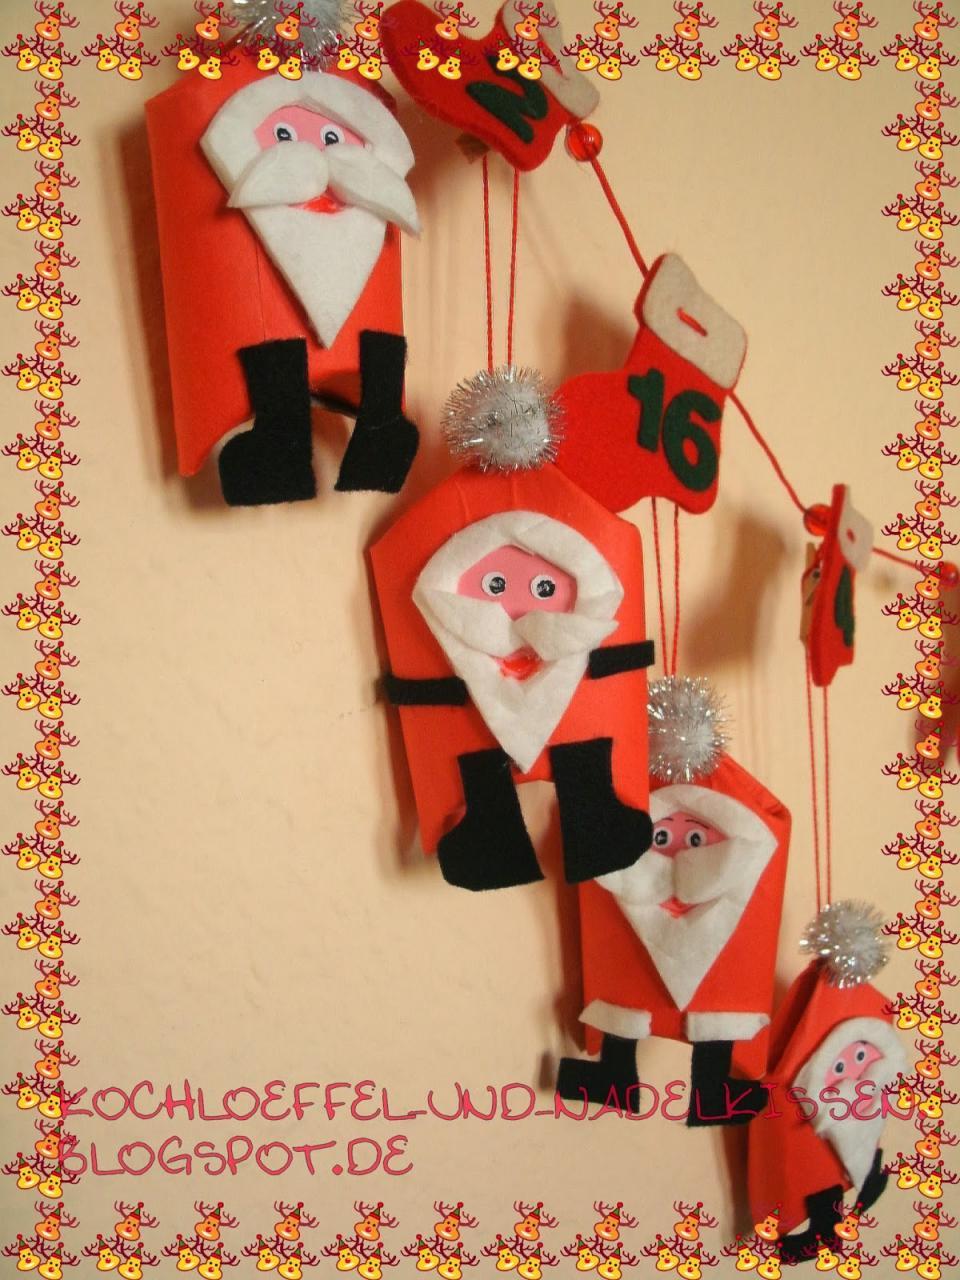 Kochloeffel Und Nadelkissen Kleine Weihnachtswichtel Fur Den Adventskalender